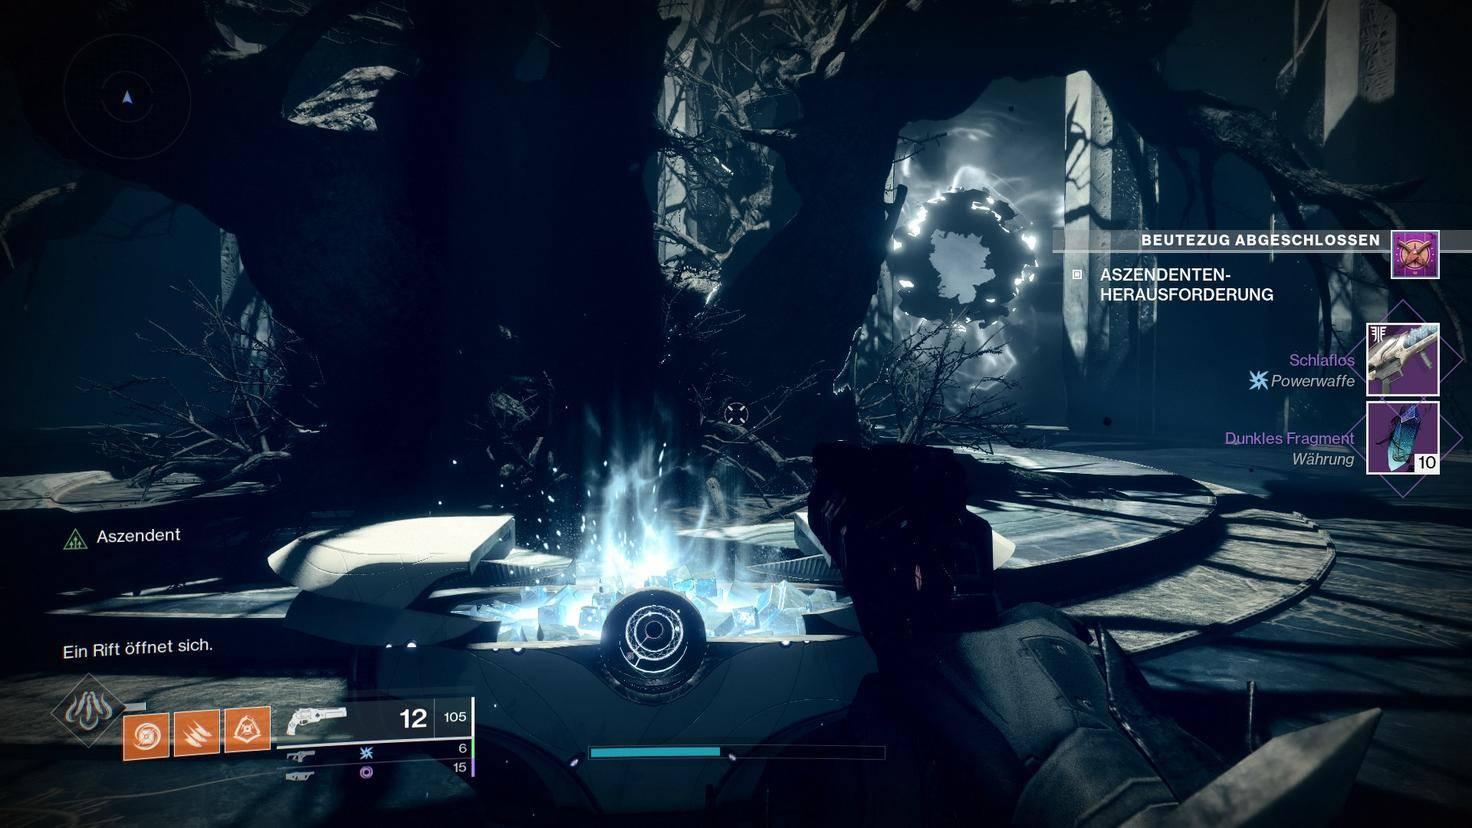 Destiny 2 Aszendentenherausforderung Loot